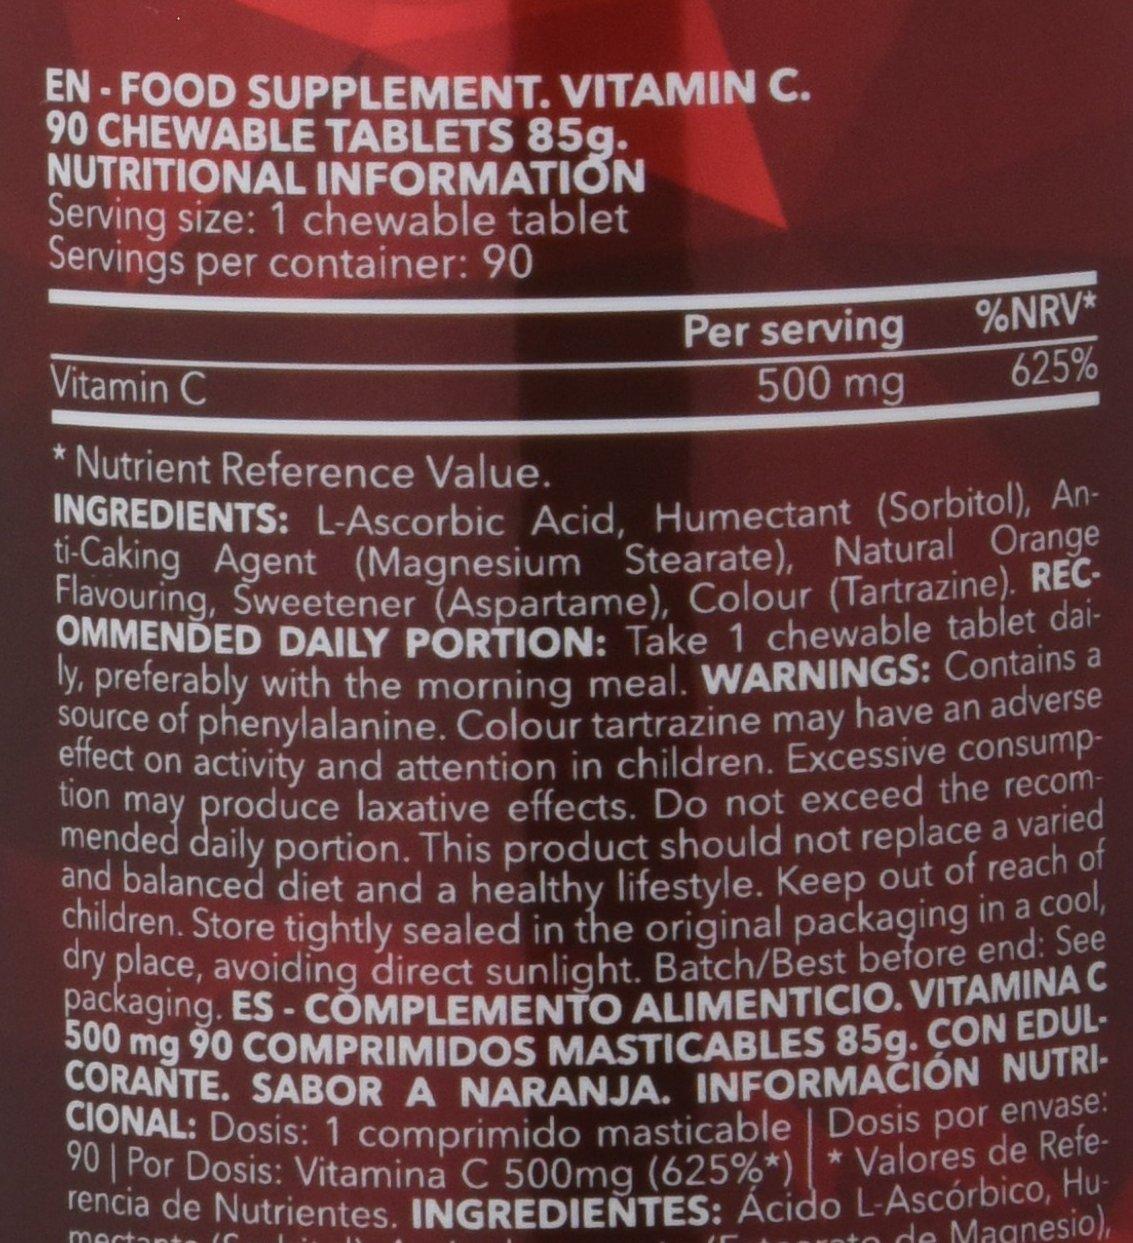 Prozis Vitamina C Comprimidos Masticables, Sabor Naranja - 500 mg, 90 Comprimidos: Amazon.es: Salud y cuidado personal